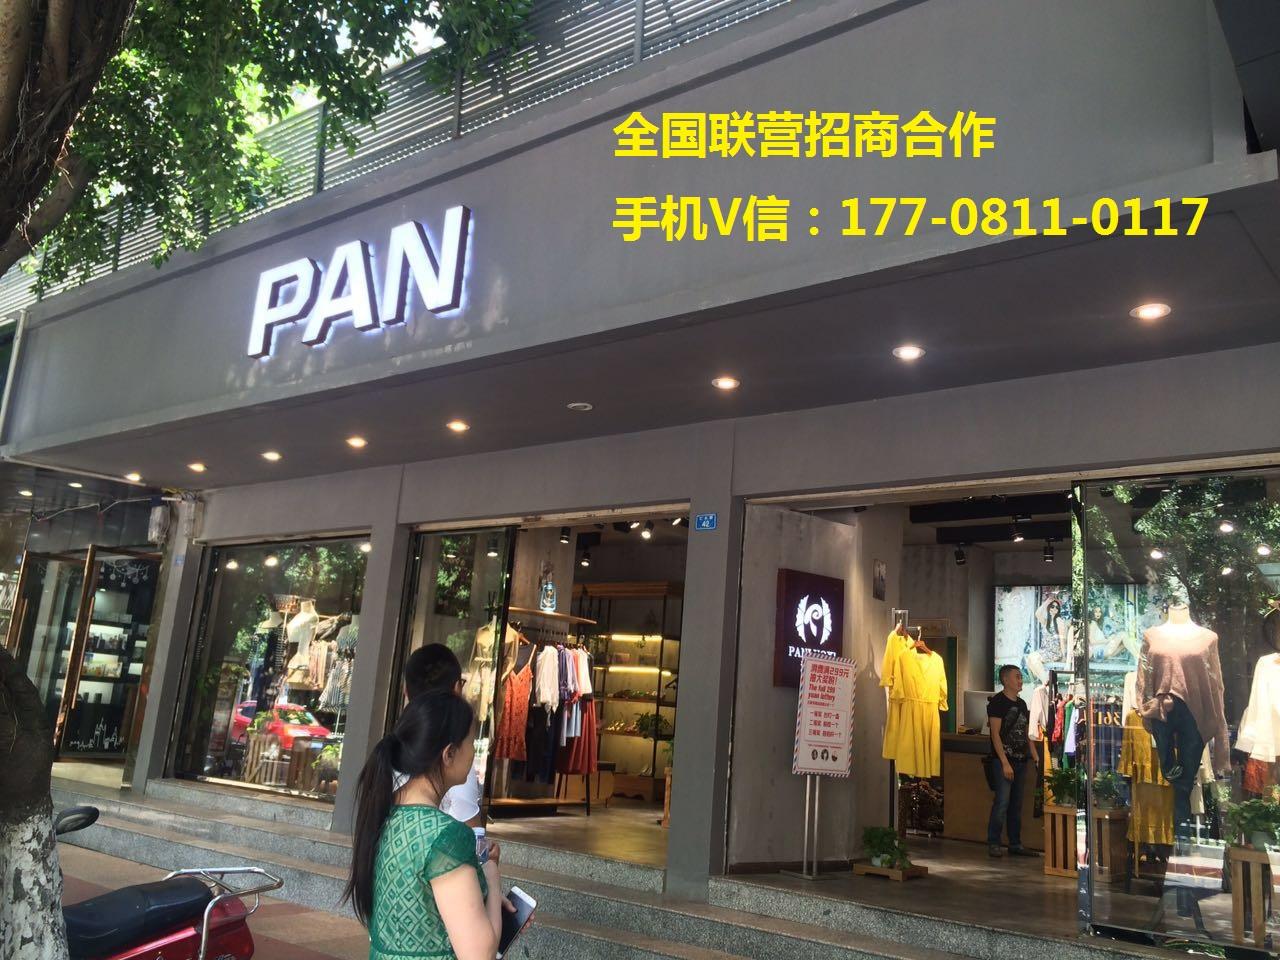 PAN女装潘洛希加盟方式联营零库存招商中